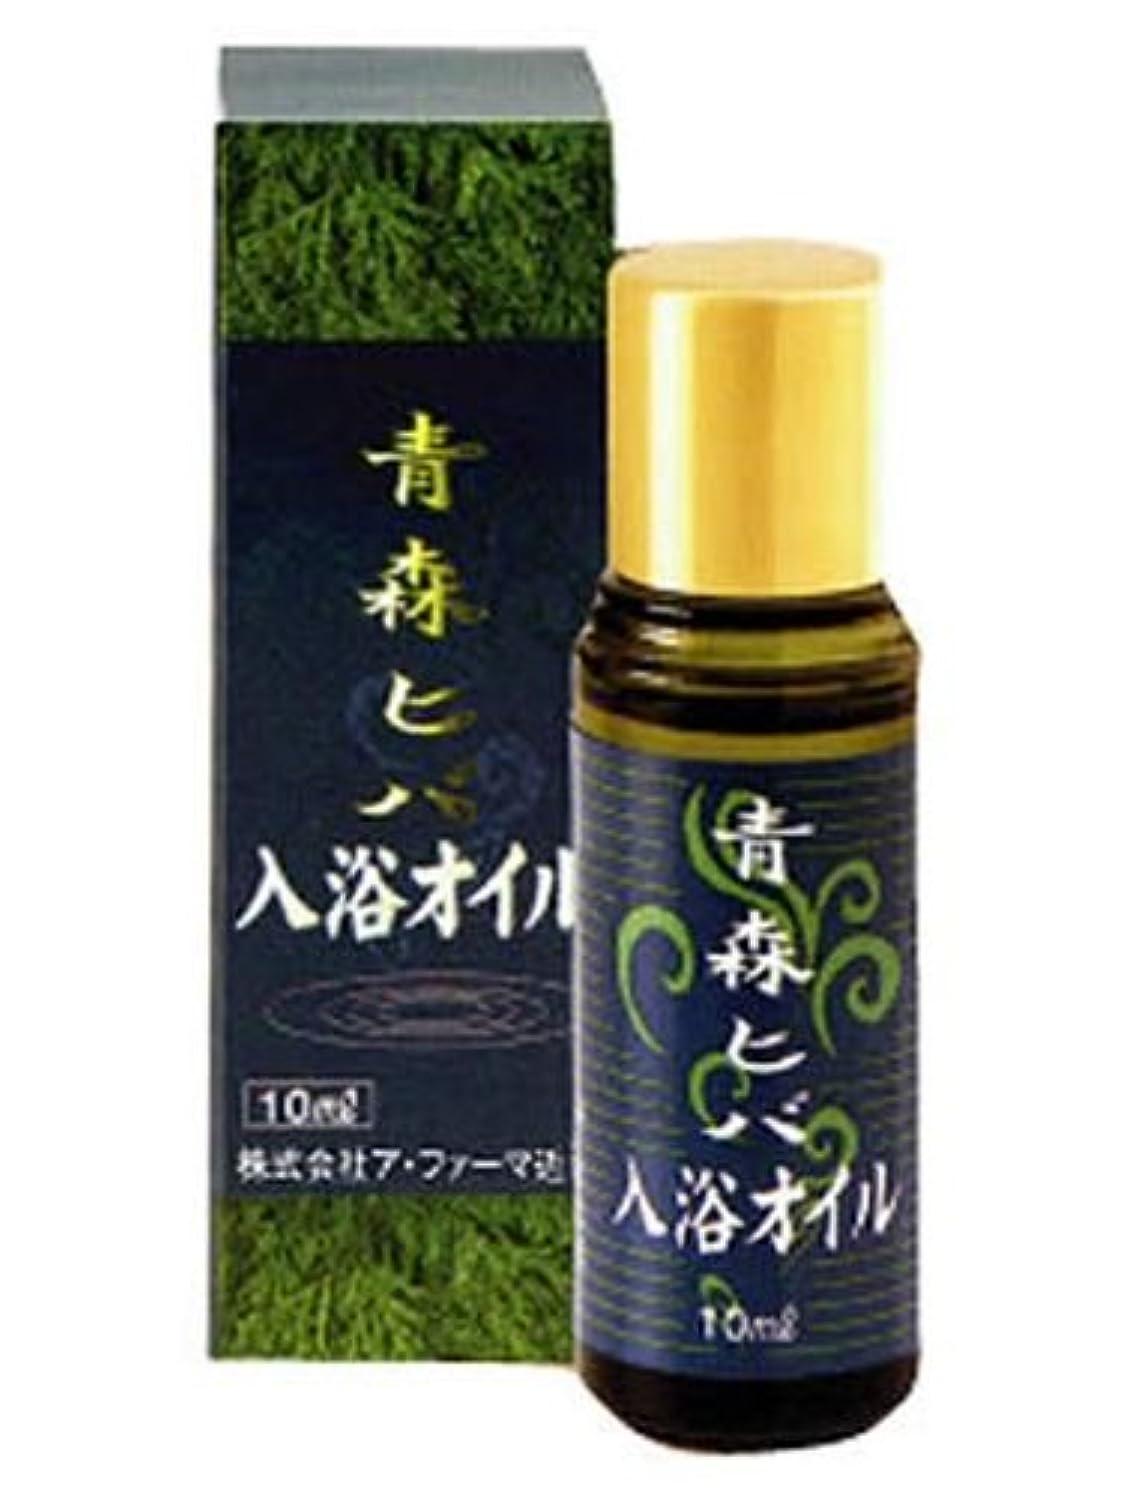 キロメートル緑織機青森ヒバ 入浴オイル 10ml(ヒバの湯)